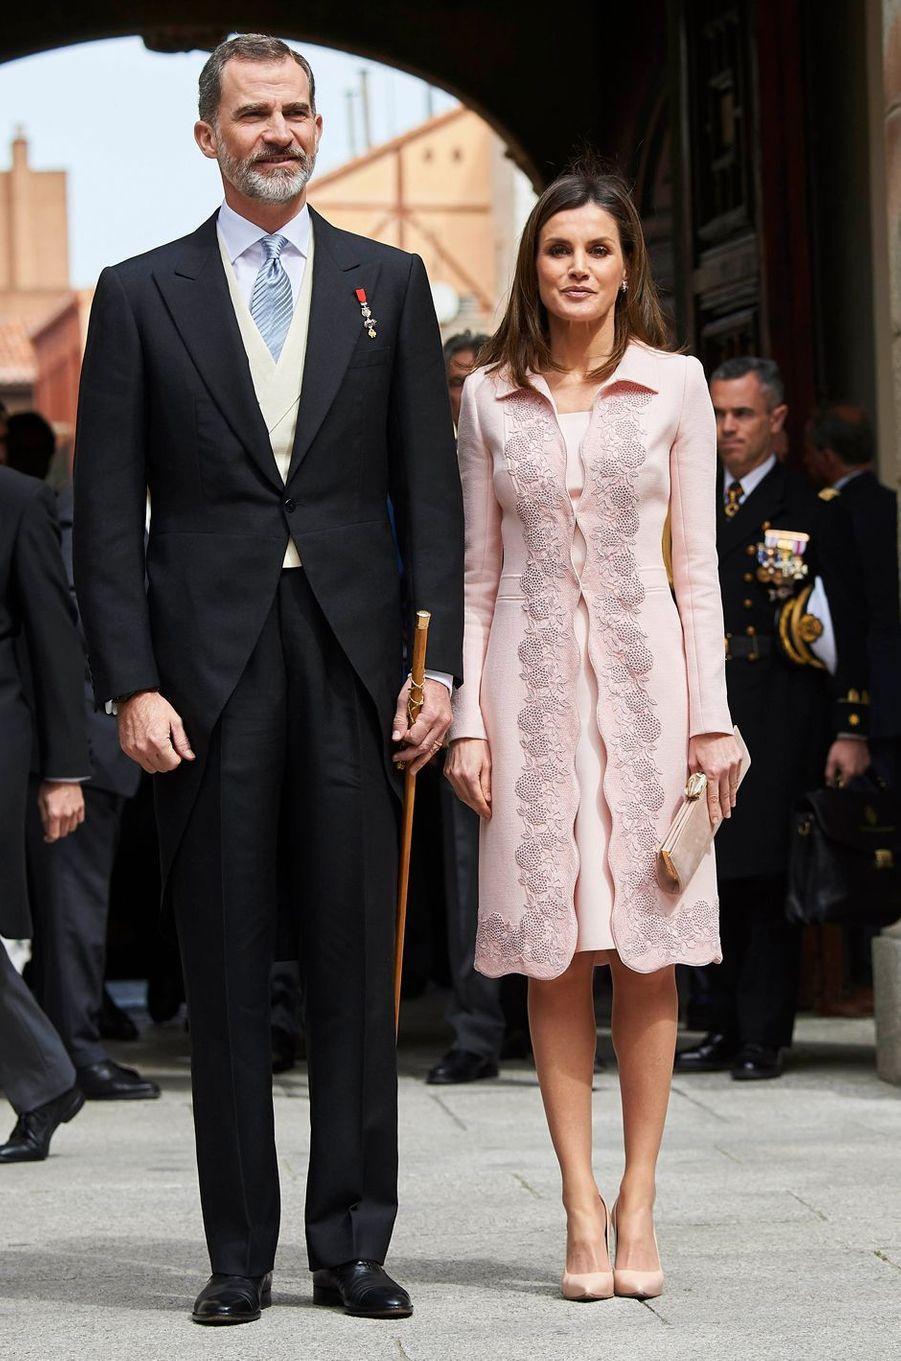 Le roi Felipe VI et la reine Letizia d'Espagne à Alcala de Henares, le 23 avril 2018